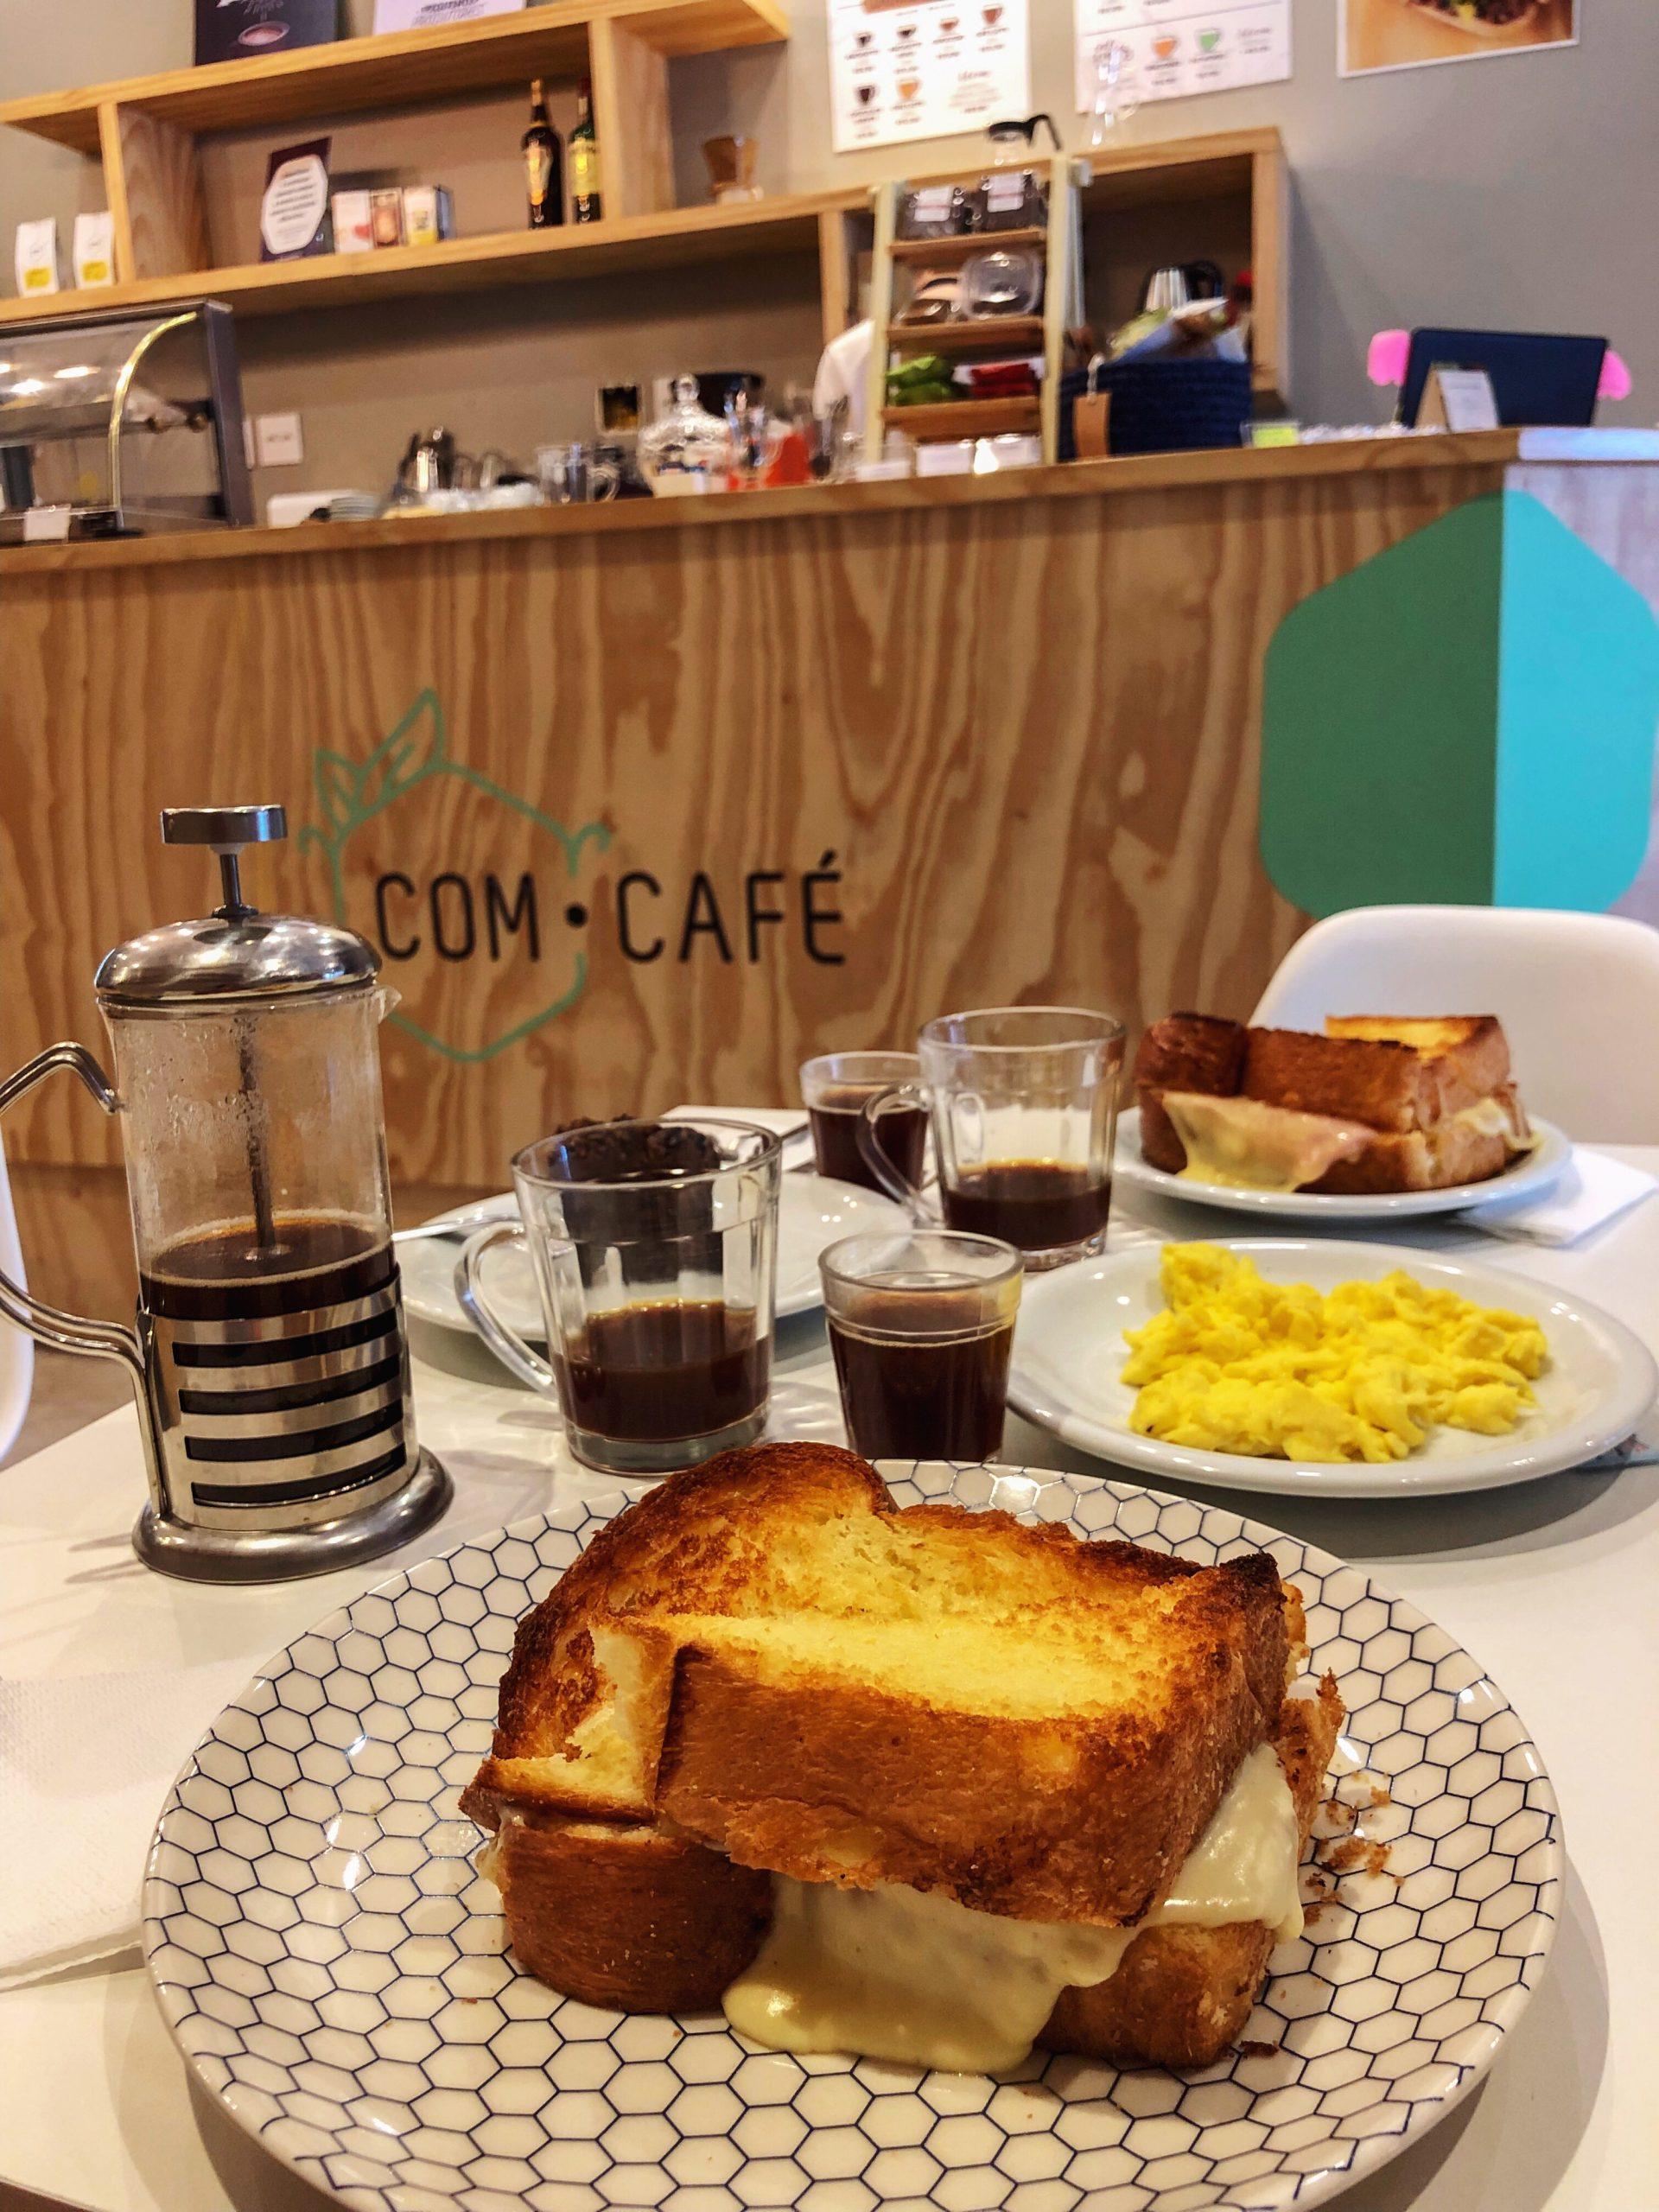 com.cafe